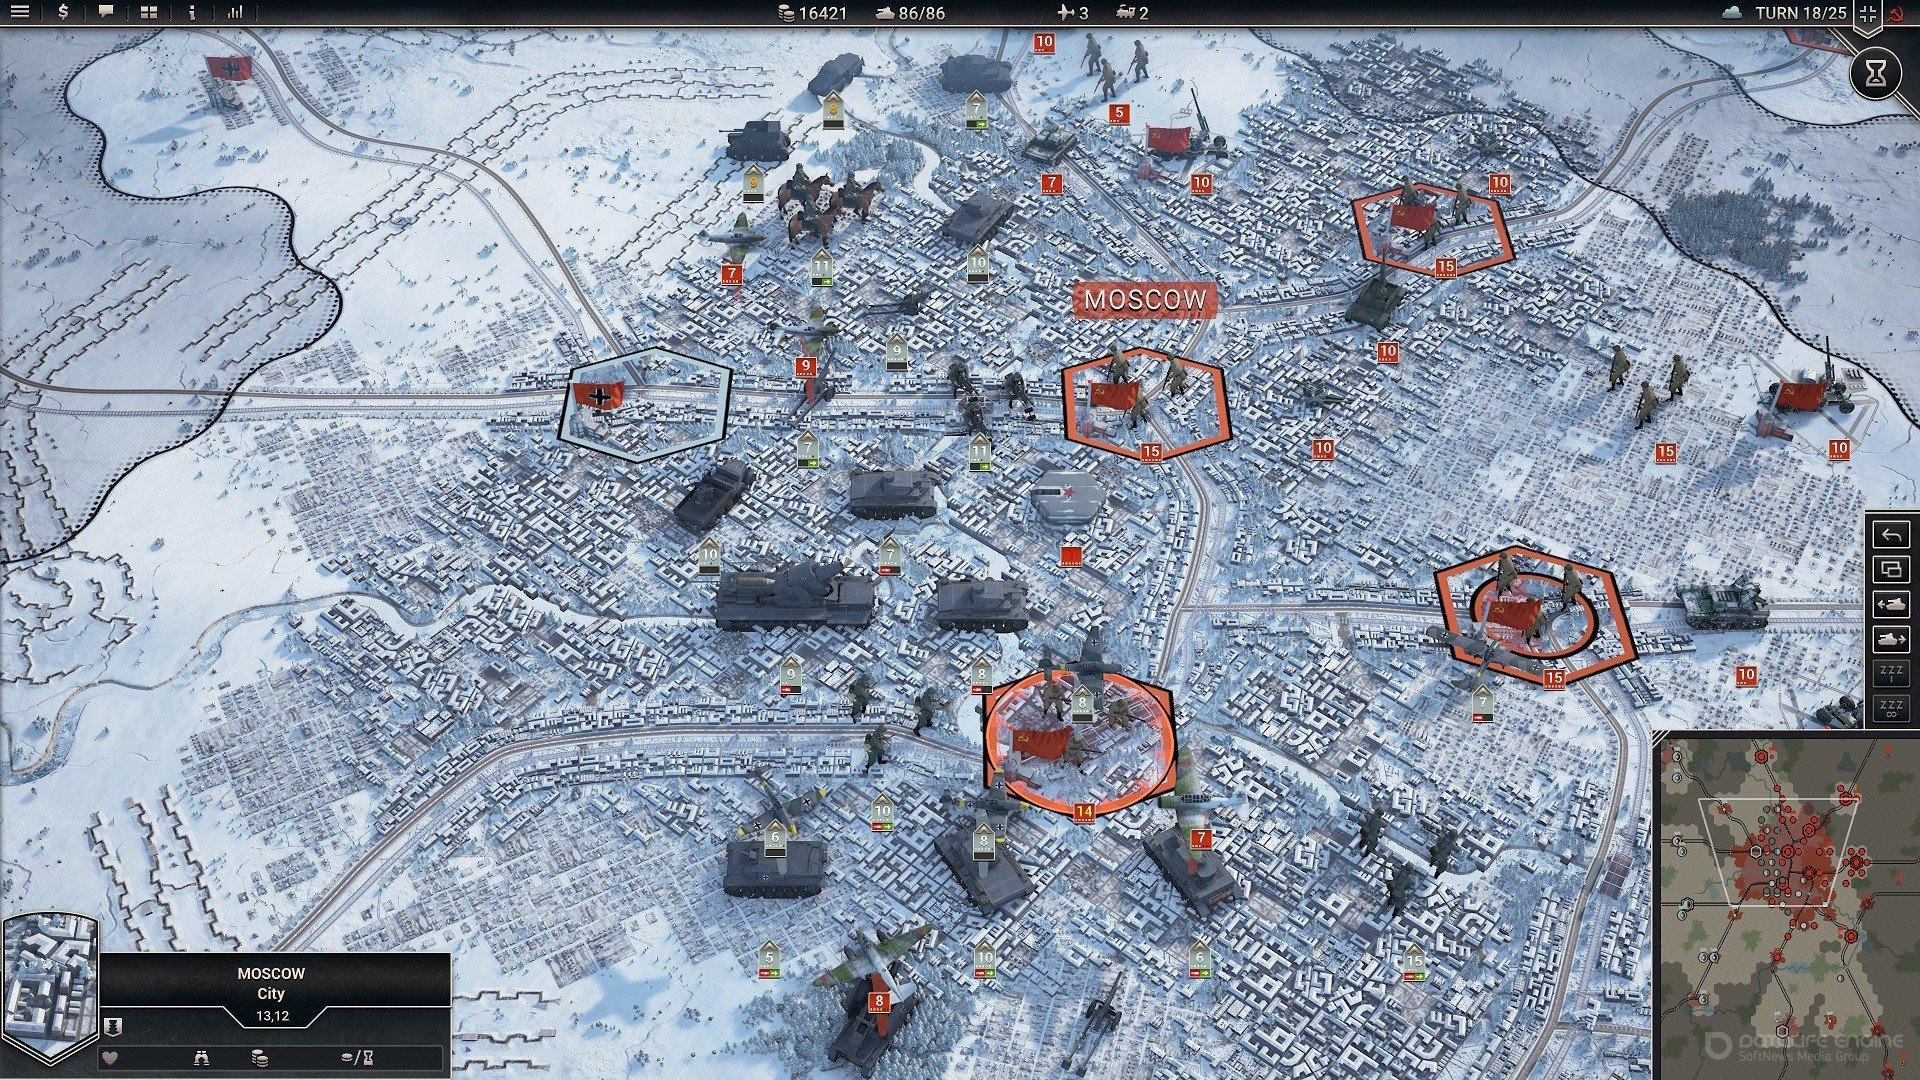 Скриншот к игре Panzer Corps 2 [v 01.01.00b (37819)] (2020) скачать торрент RePack